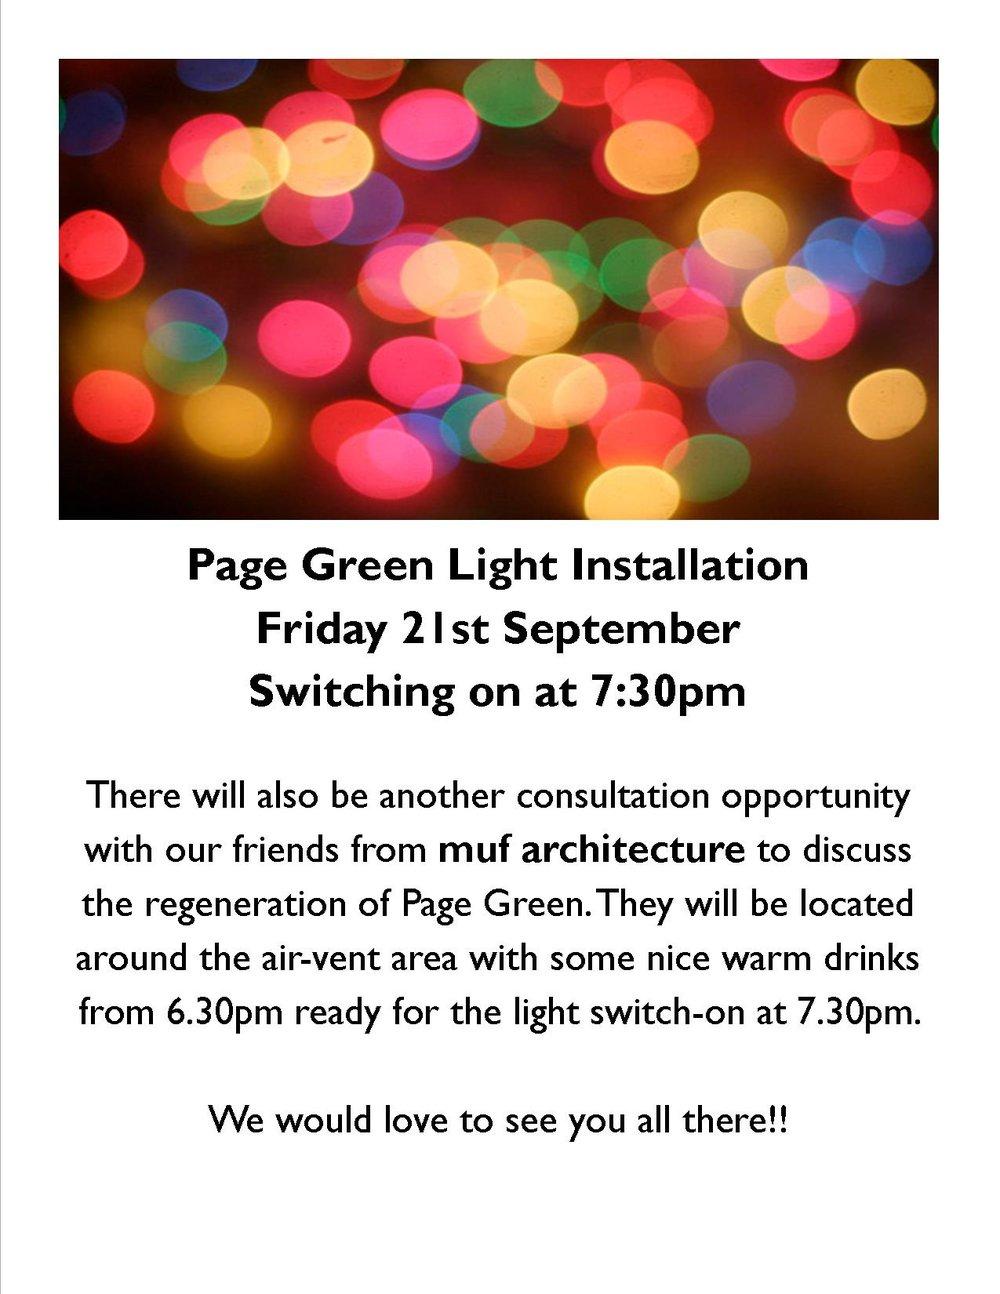 PG Light Installation.jpg